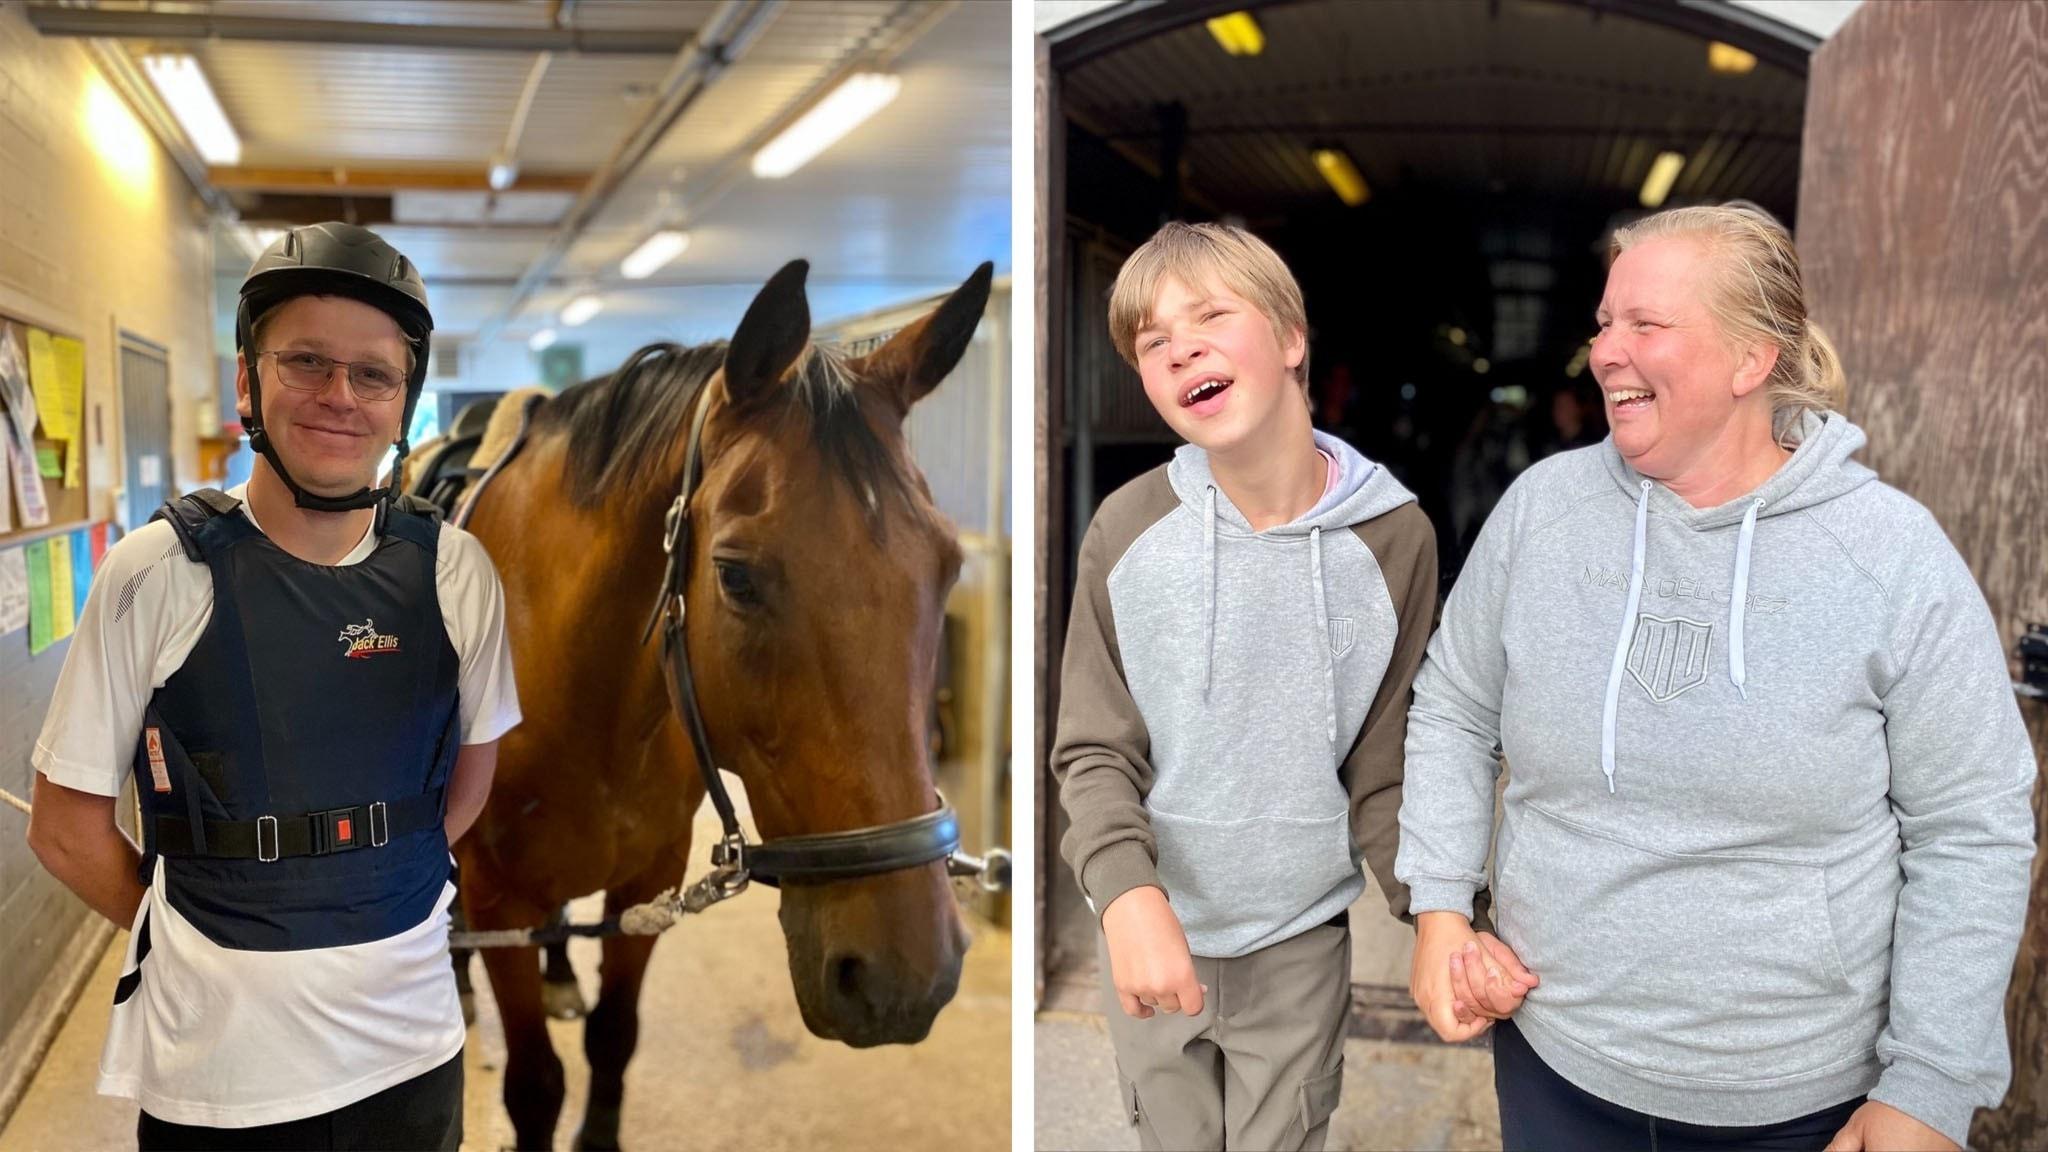 På bildens vänstra sida ser vi en ung man i ridhjälm med en häst intill sig. På bildens högra sida ser vi en pojke i grå huvtröja som håller sin mamma i handen.